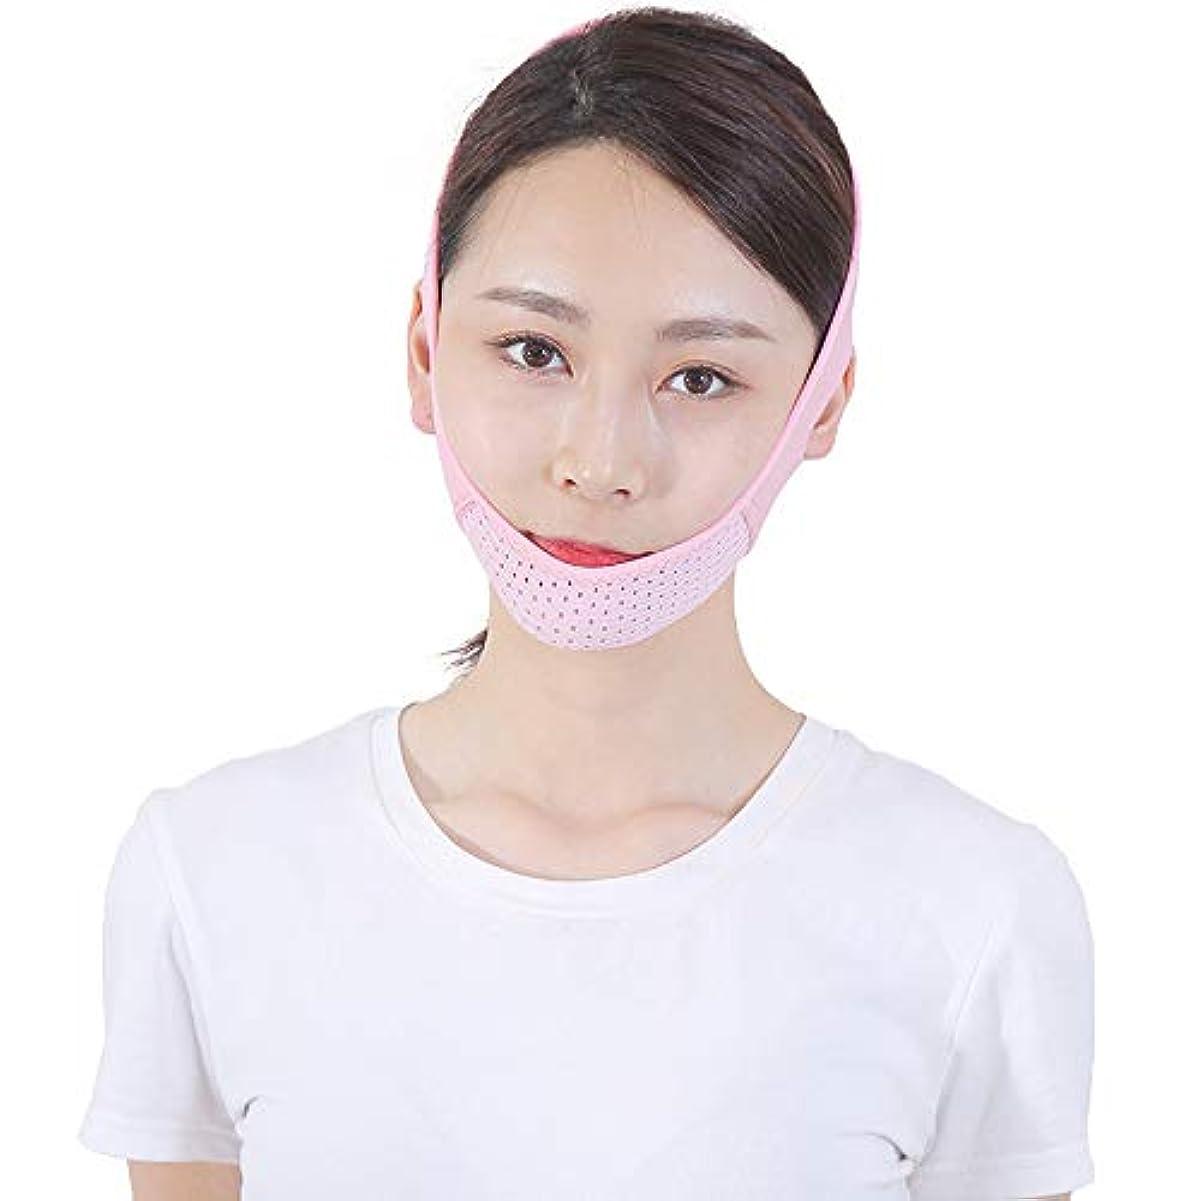 遠征件名お願いしますフェイスリフトベルト 薄い顔のベルト - 薄い顔のベルト通気性のある顔の包帯ダブルチンの顔リフトの人工物Vのフェイスベルト薄い顔のマスク